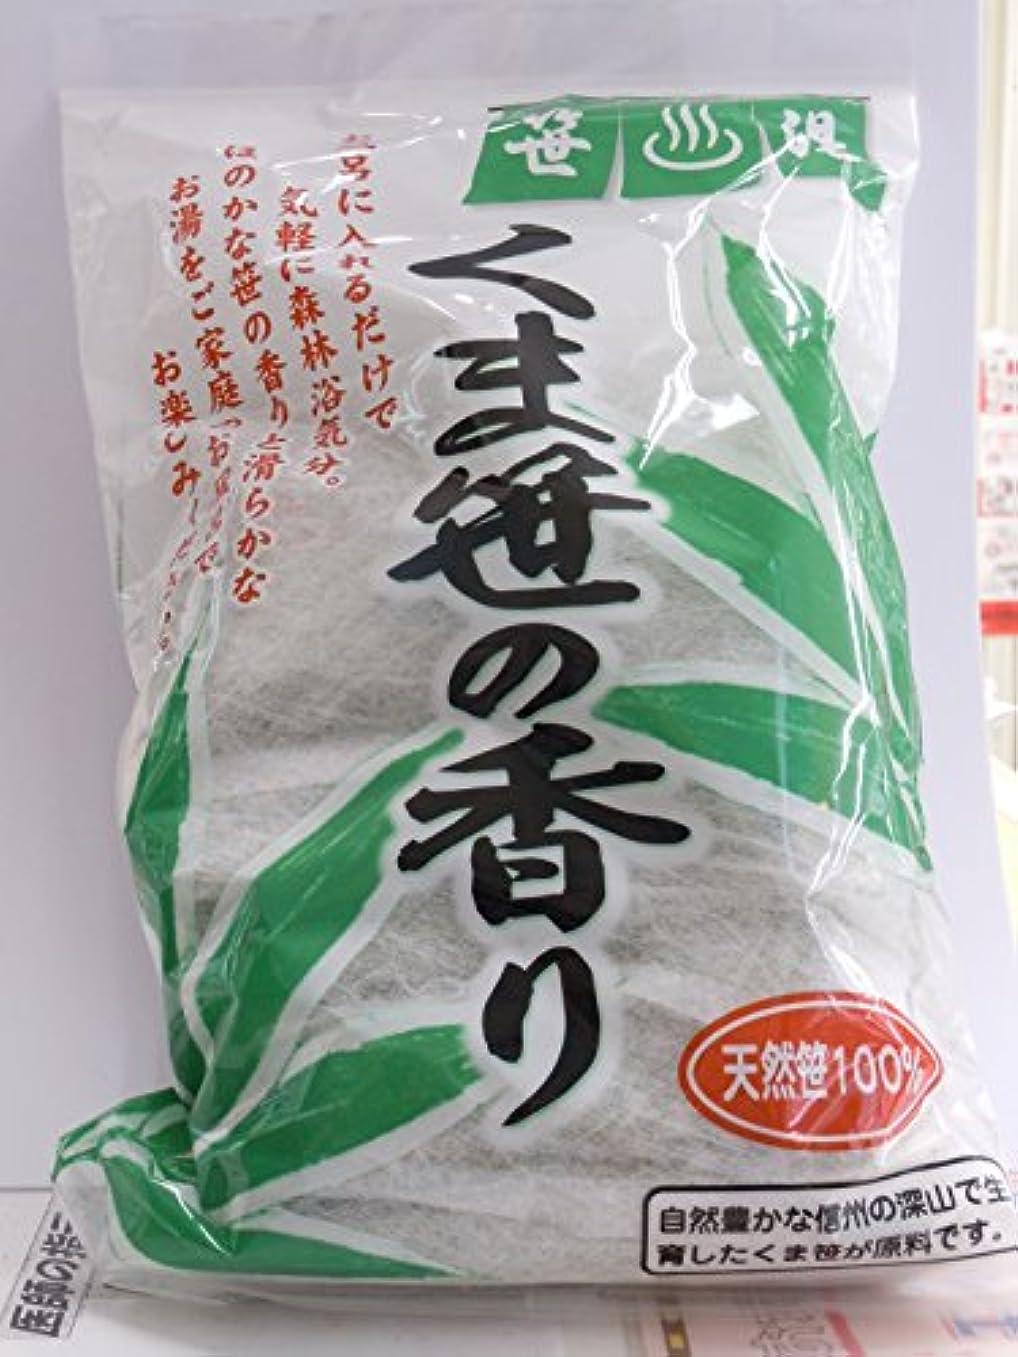 日付付き新しい意味思いつくサンクロン 信州産 くま笹の香り 天然100% 40gx5包